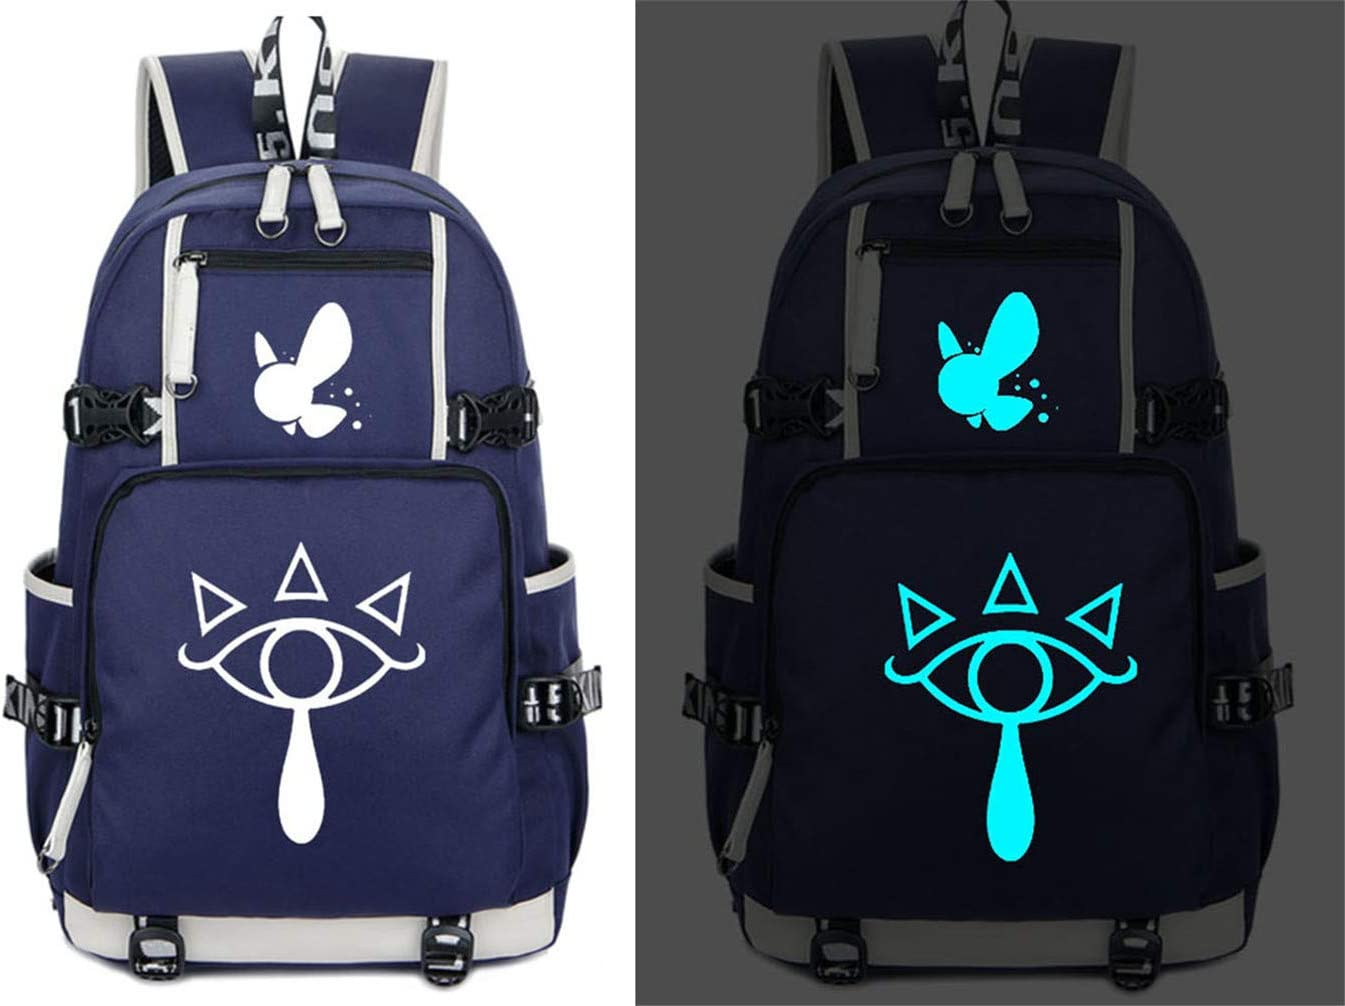 Cosstars The Legend of Zelda Jeu Knapsack Sac /à Dos Ordinateur Portable Cartable Laptop Backpack pour /Étudiant